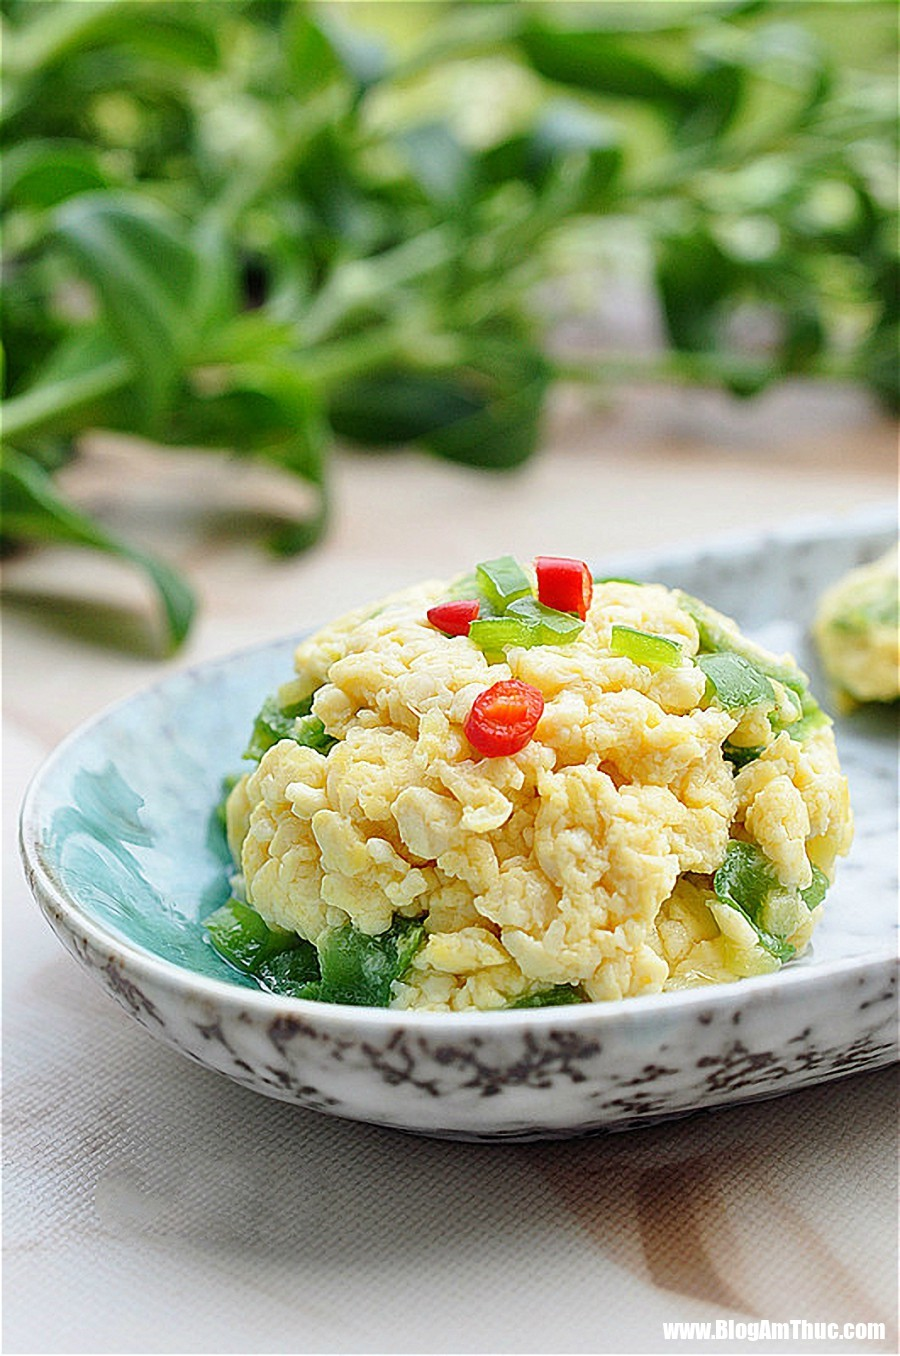 dau phu xao trung 6 15337005055111985237200 Bạn có ngay món mặn mới toanh cho bữa tối ngon miệng chỉ với hơn 10k